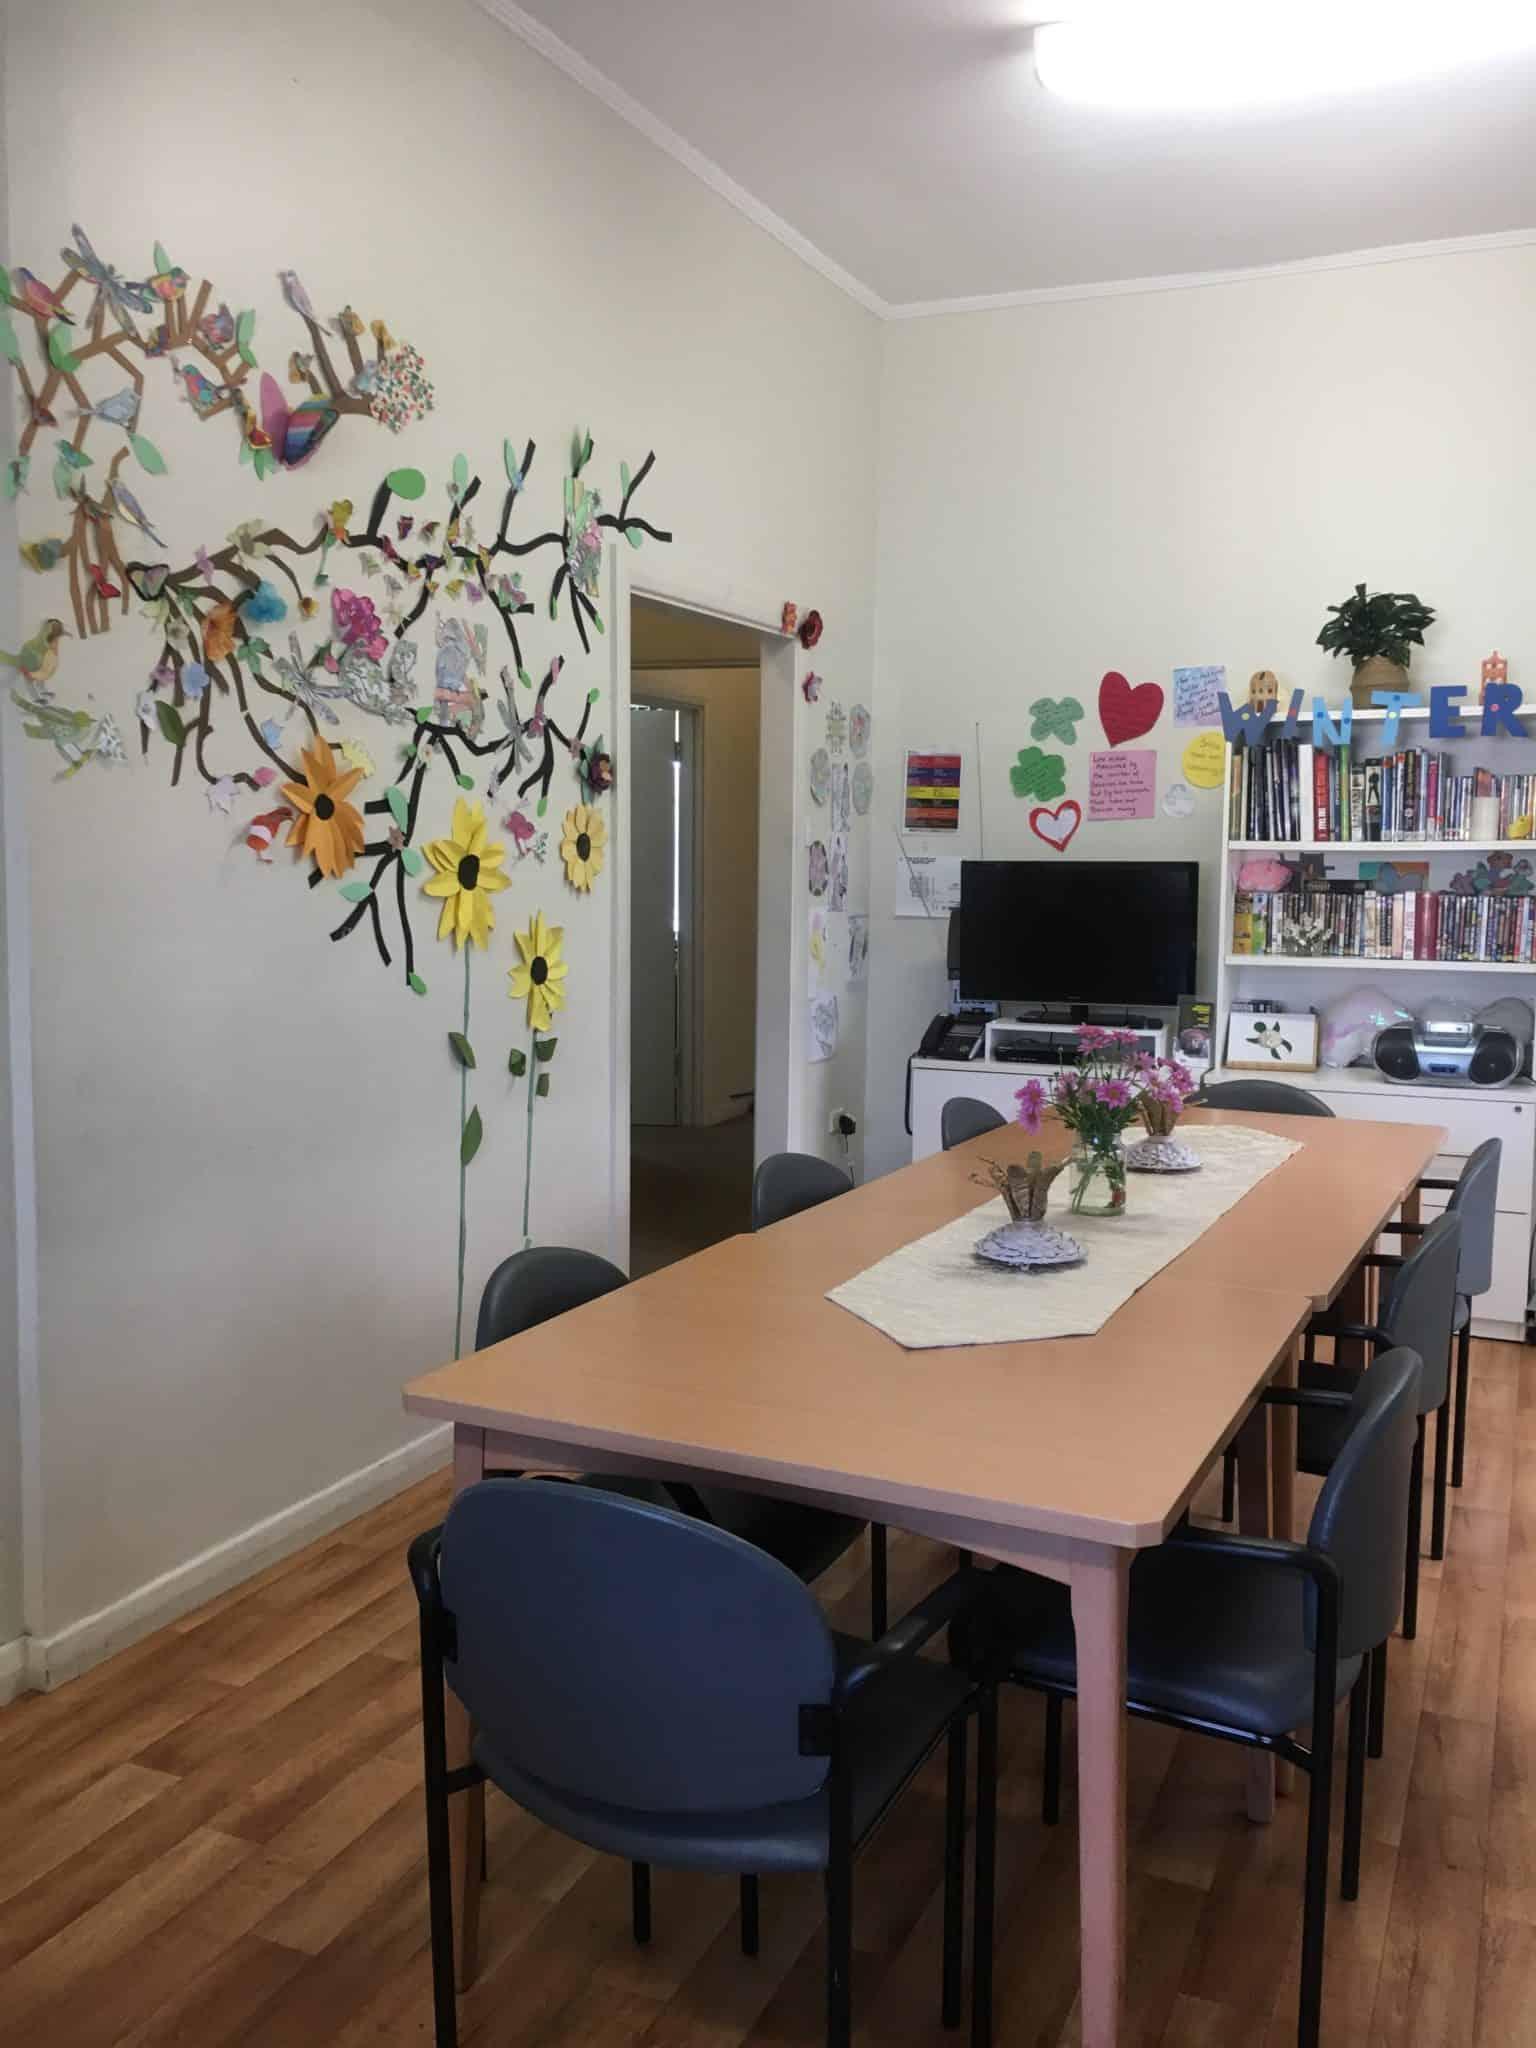 Regency Cottage Activities Room